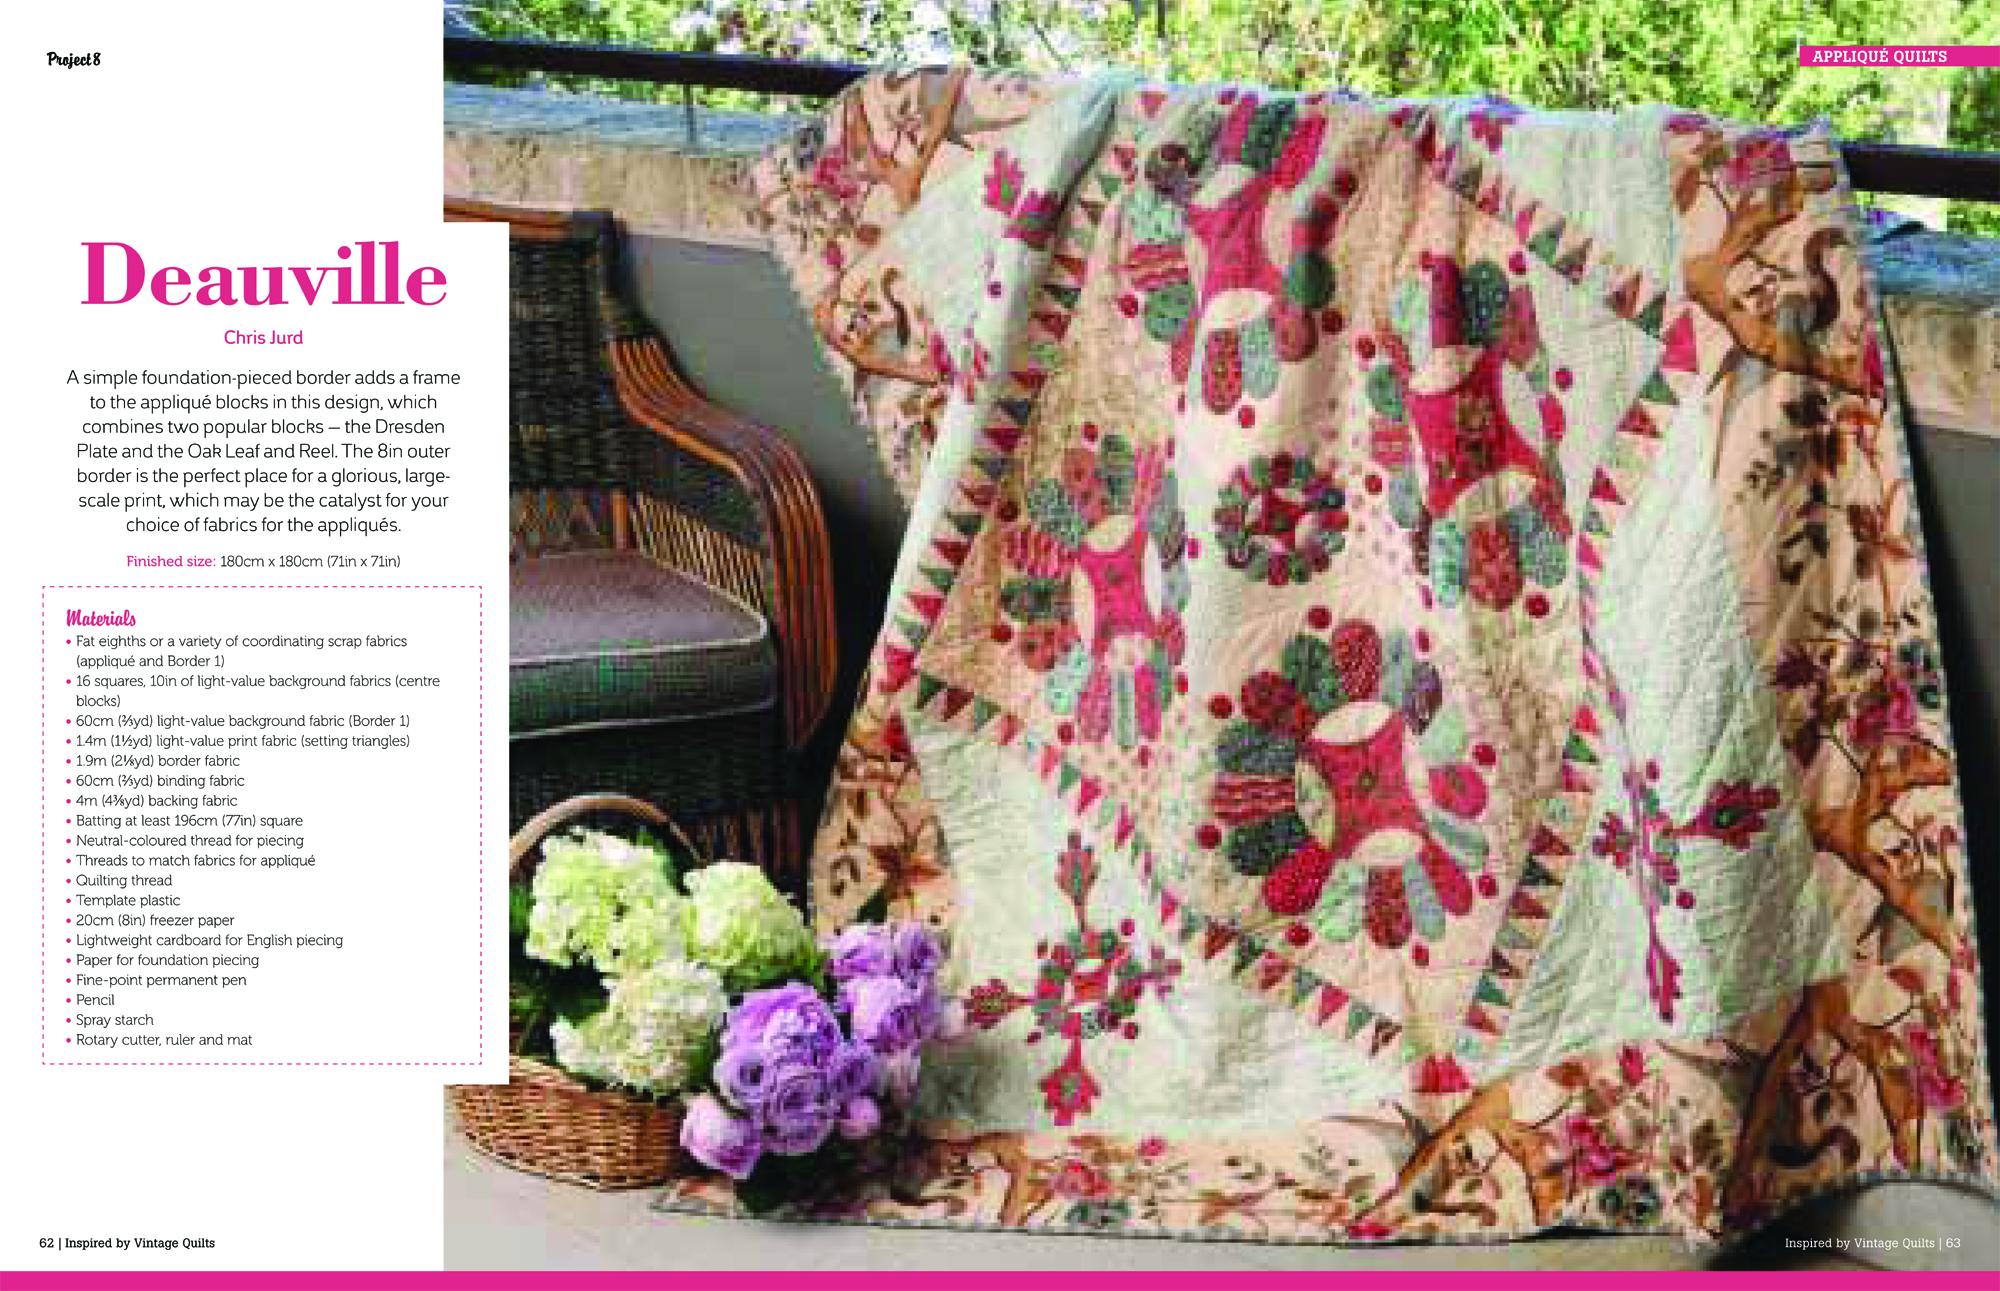 Vintage Quilts_DEAUVILLE